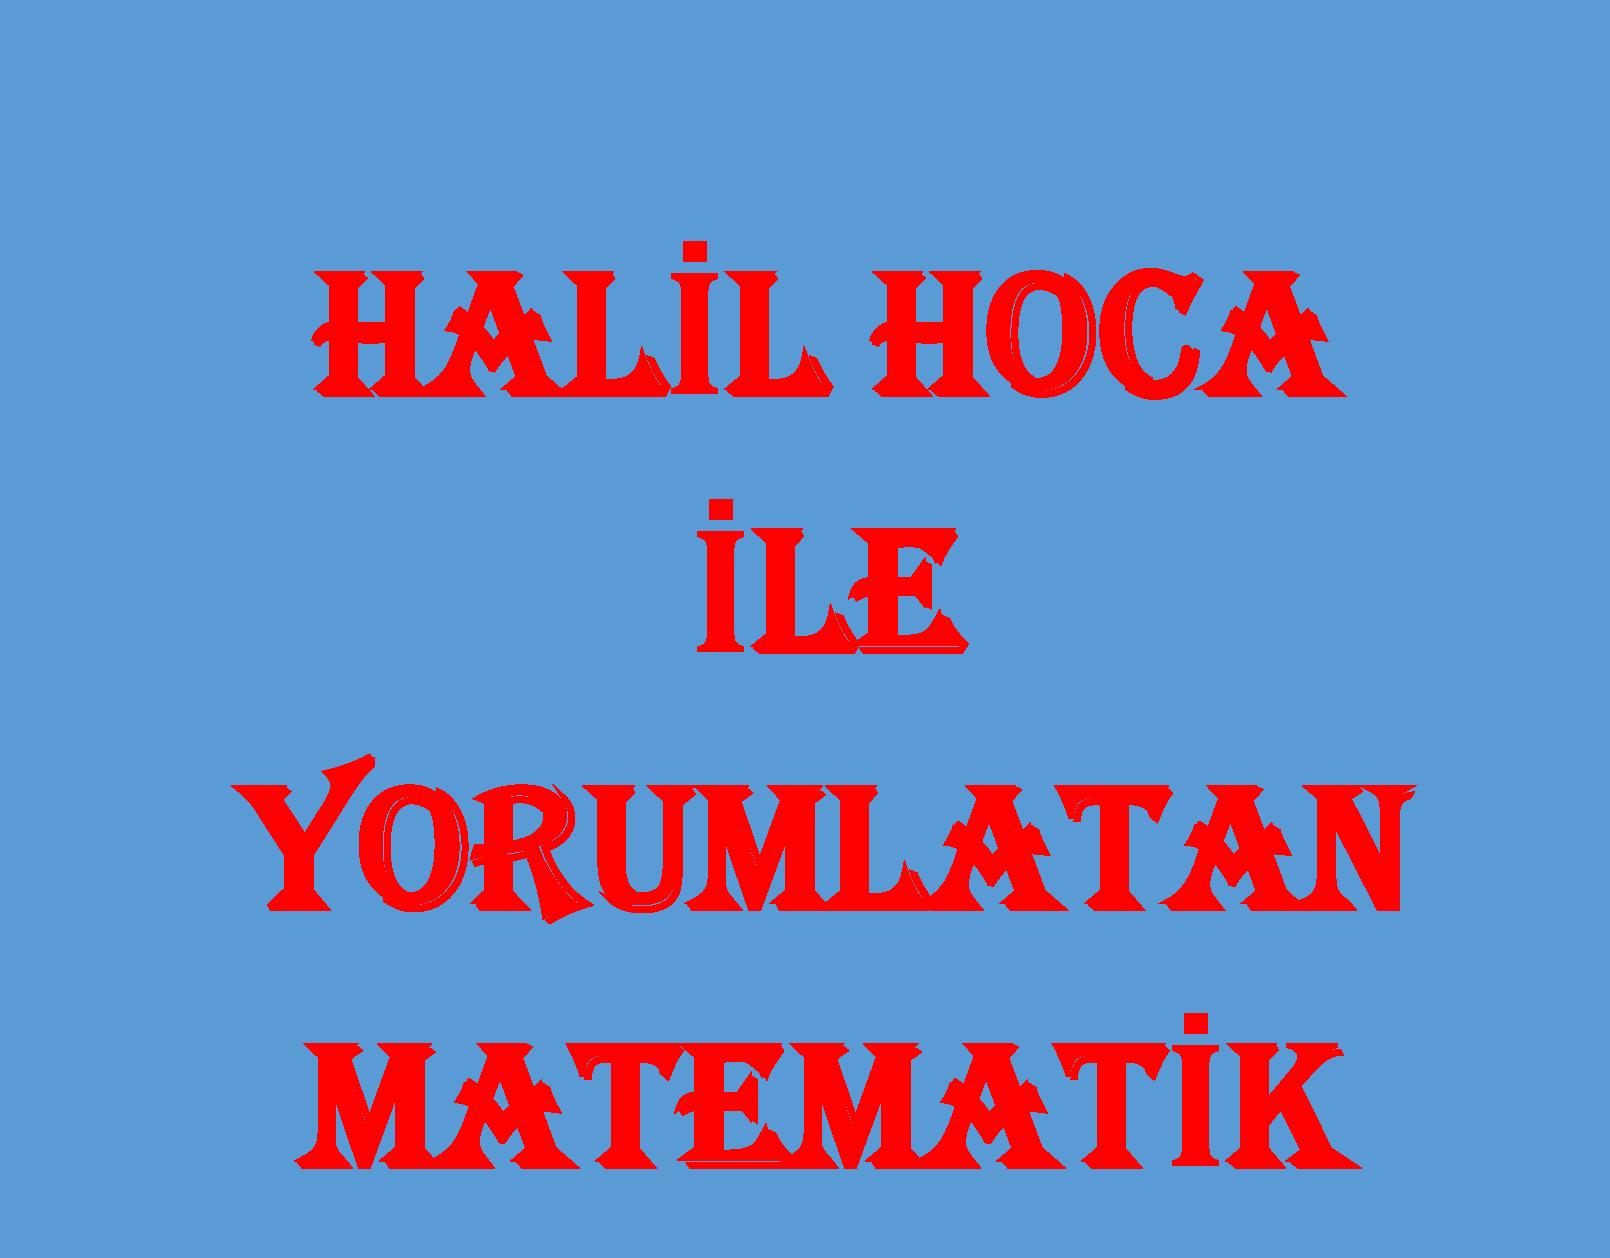 HALİL HOCA İLE YORUM